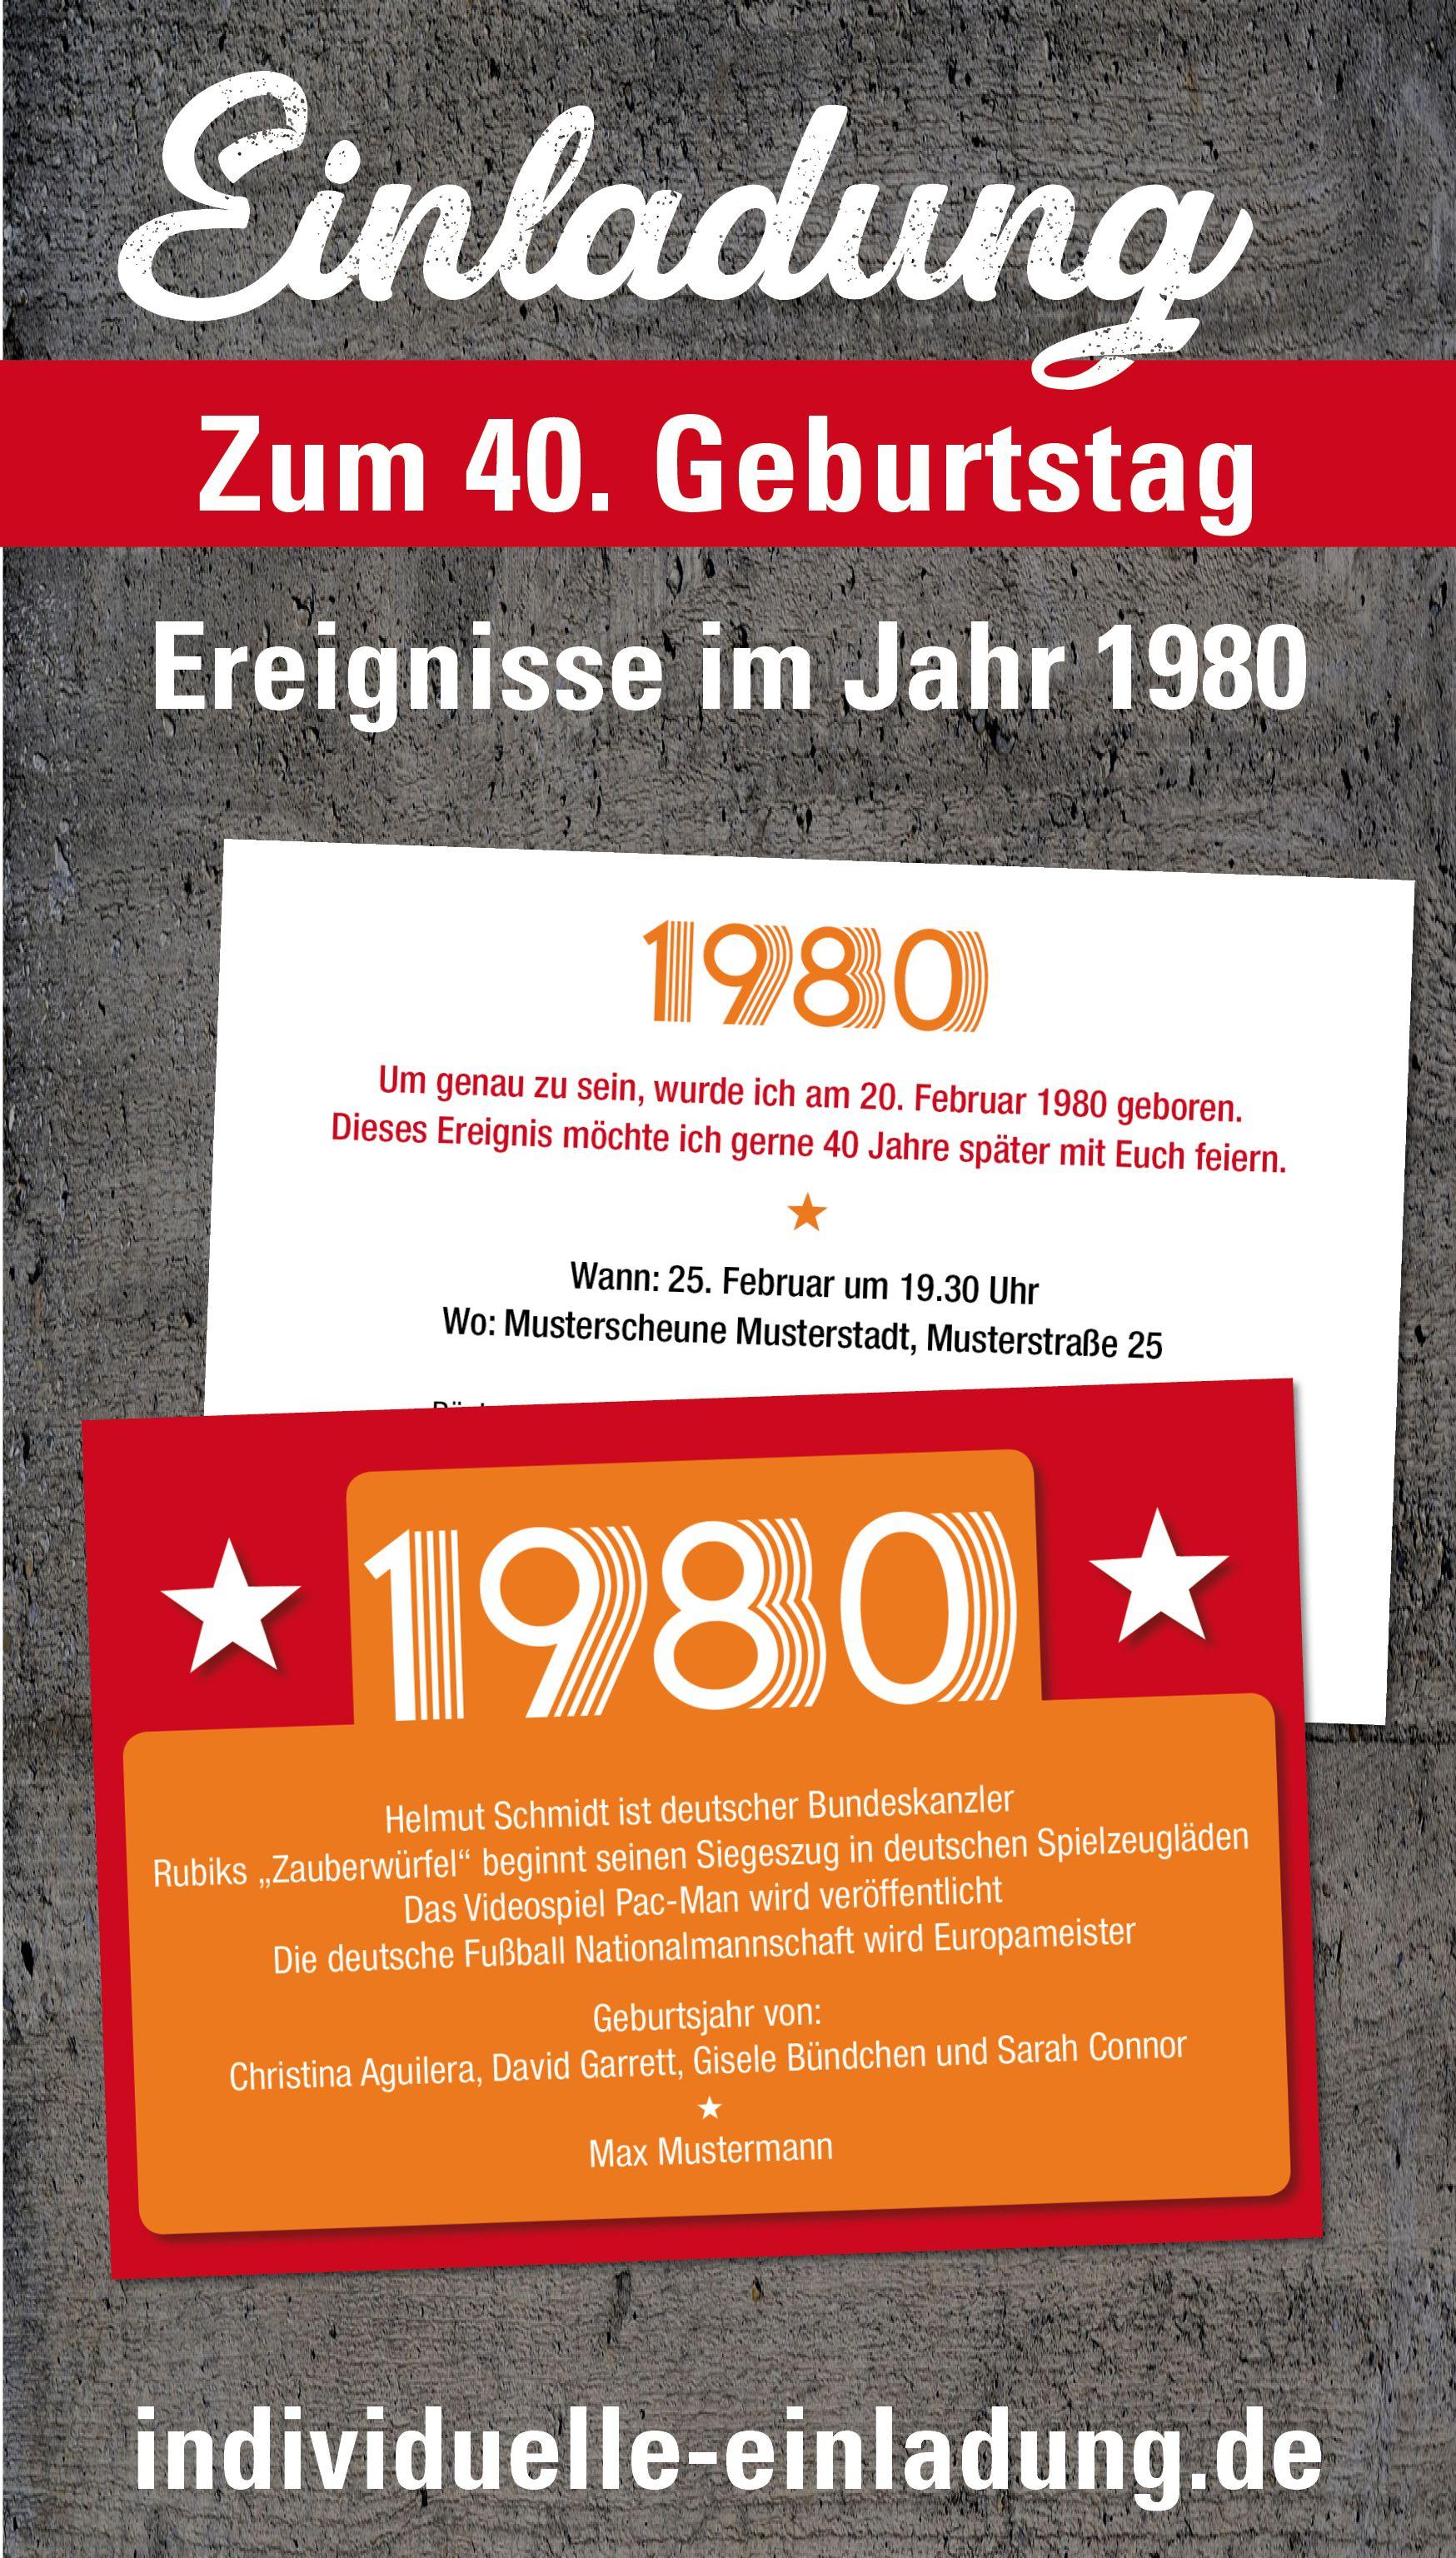 Einladung Zum 40 Geburtstag Jahrgang 1980 Ereignisse Postkarte